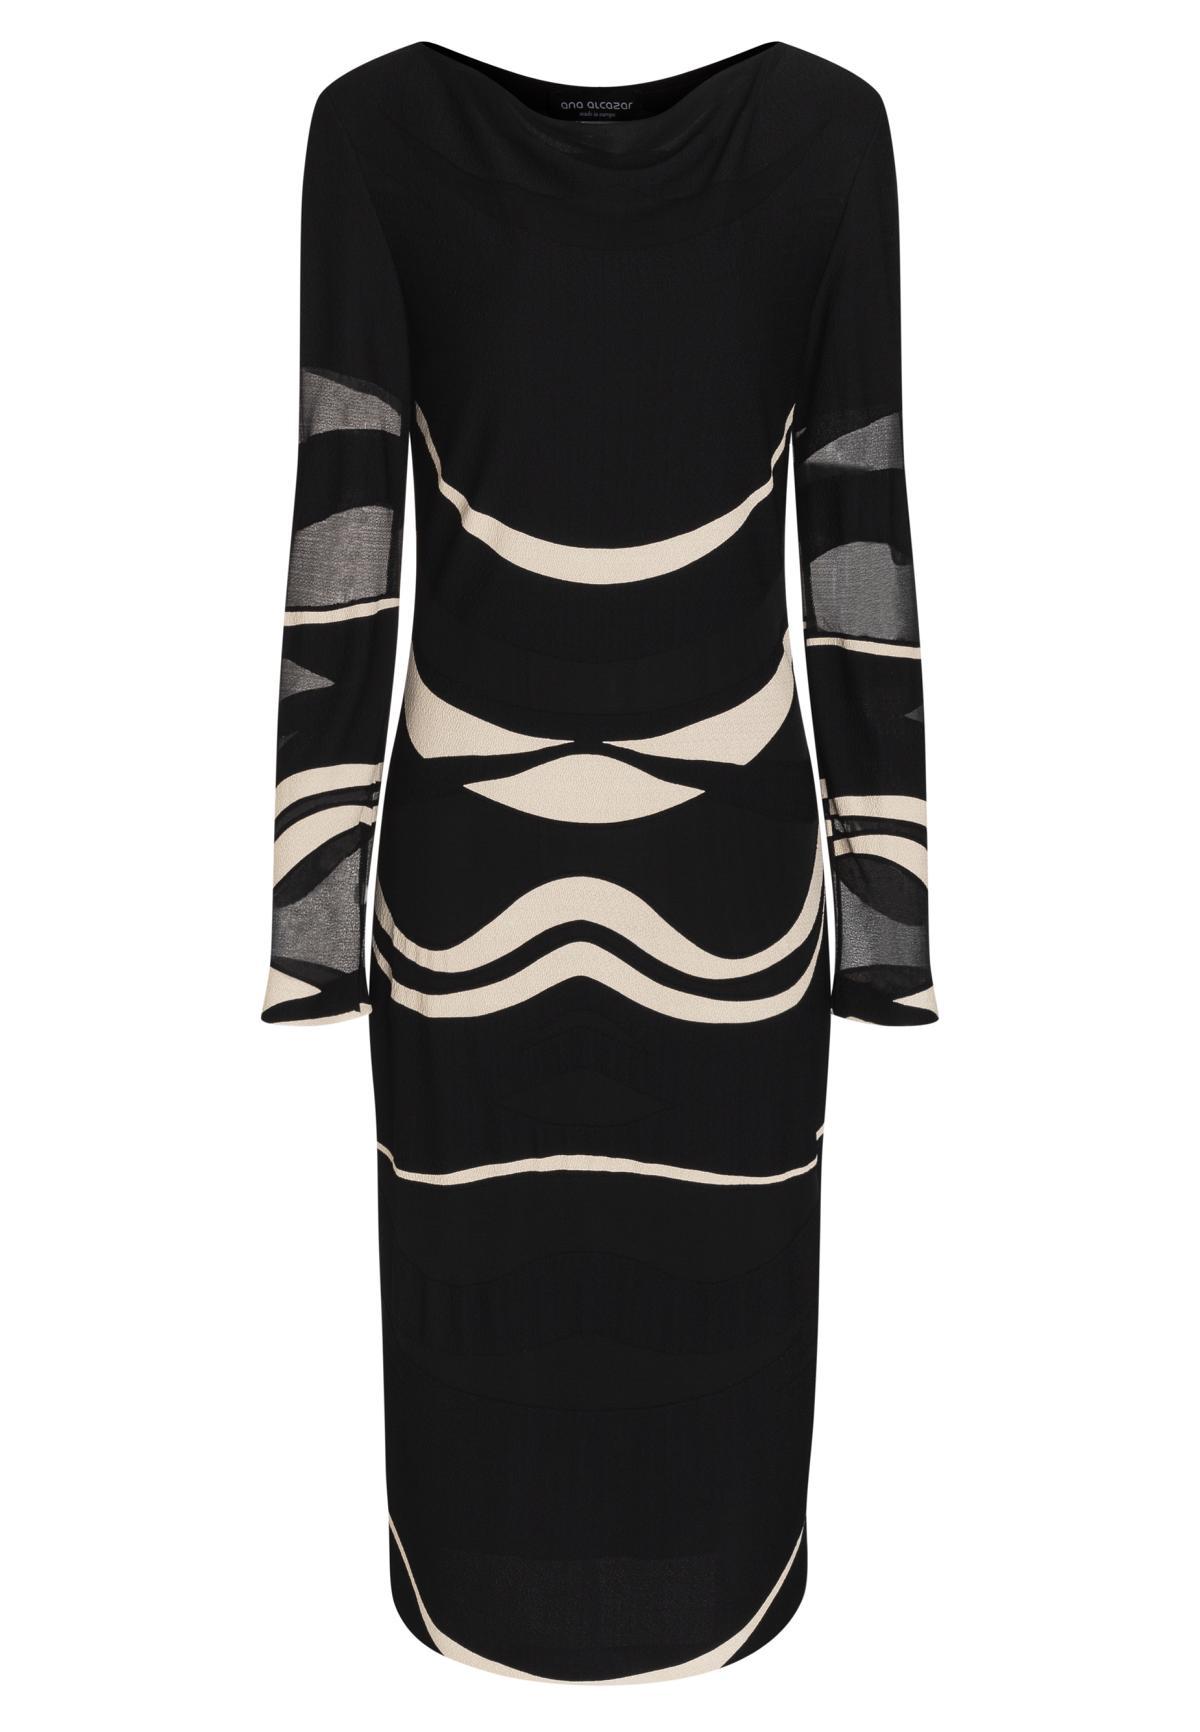 schwarz-weißes winterkleid bepina mit wellen-print | ana alcazar